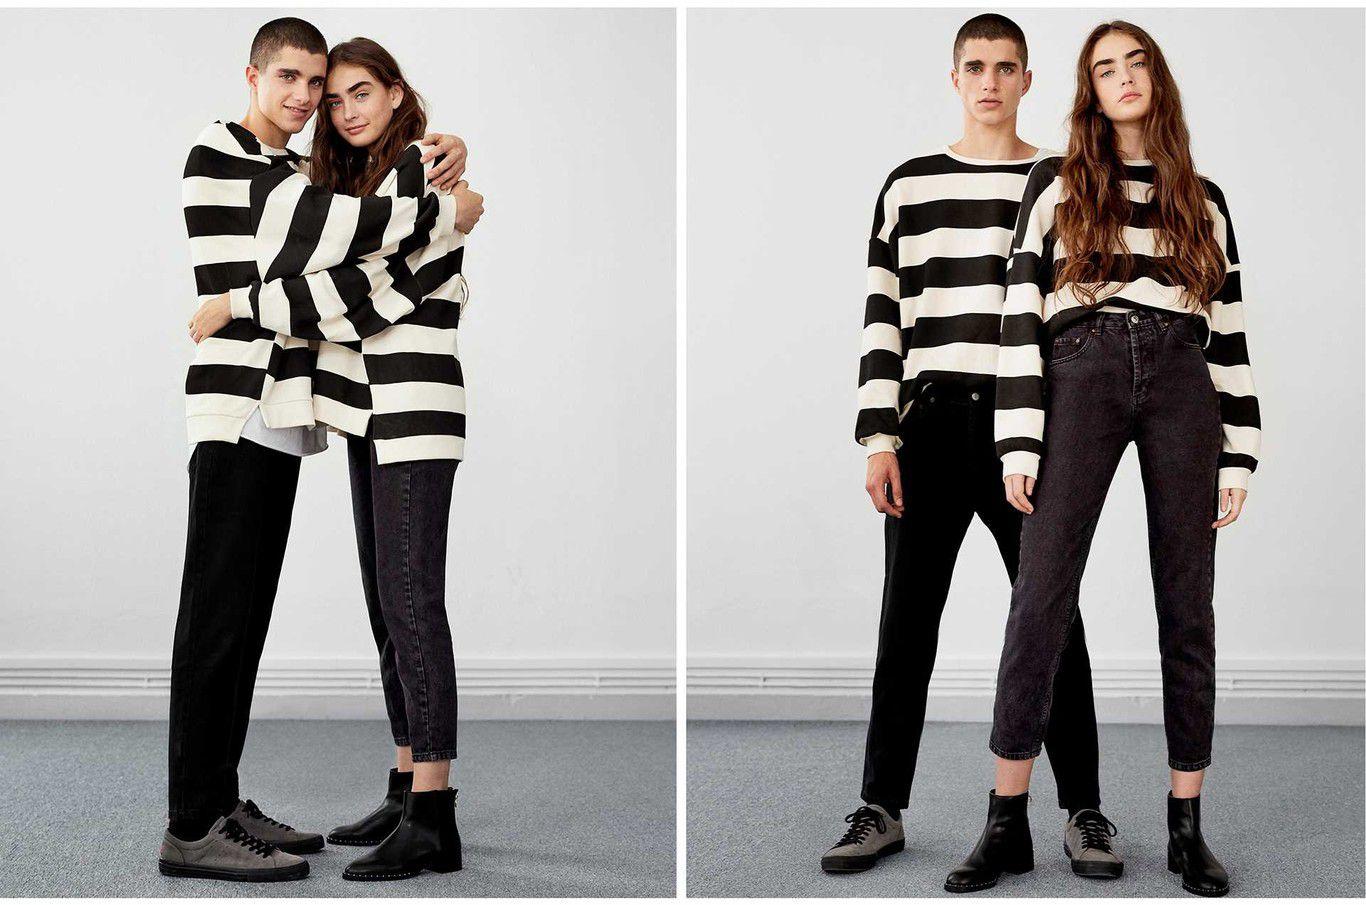 Genero 3 Moda: La Celebración Del Diseño Sin Definición - Moda Y Diseñadores Textil E Indumentaria